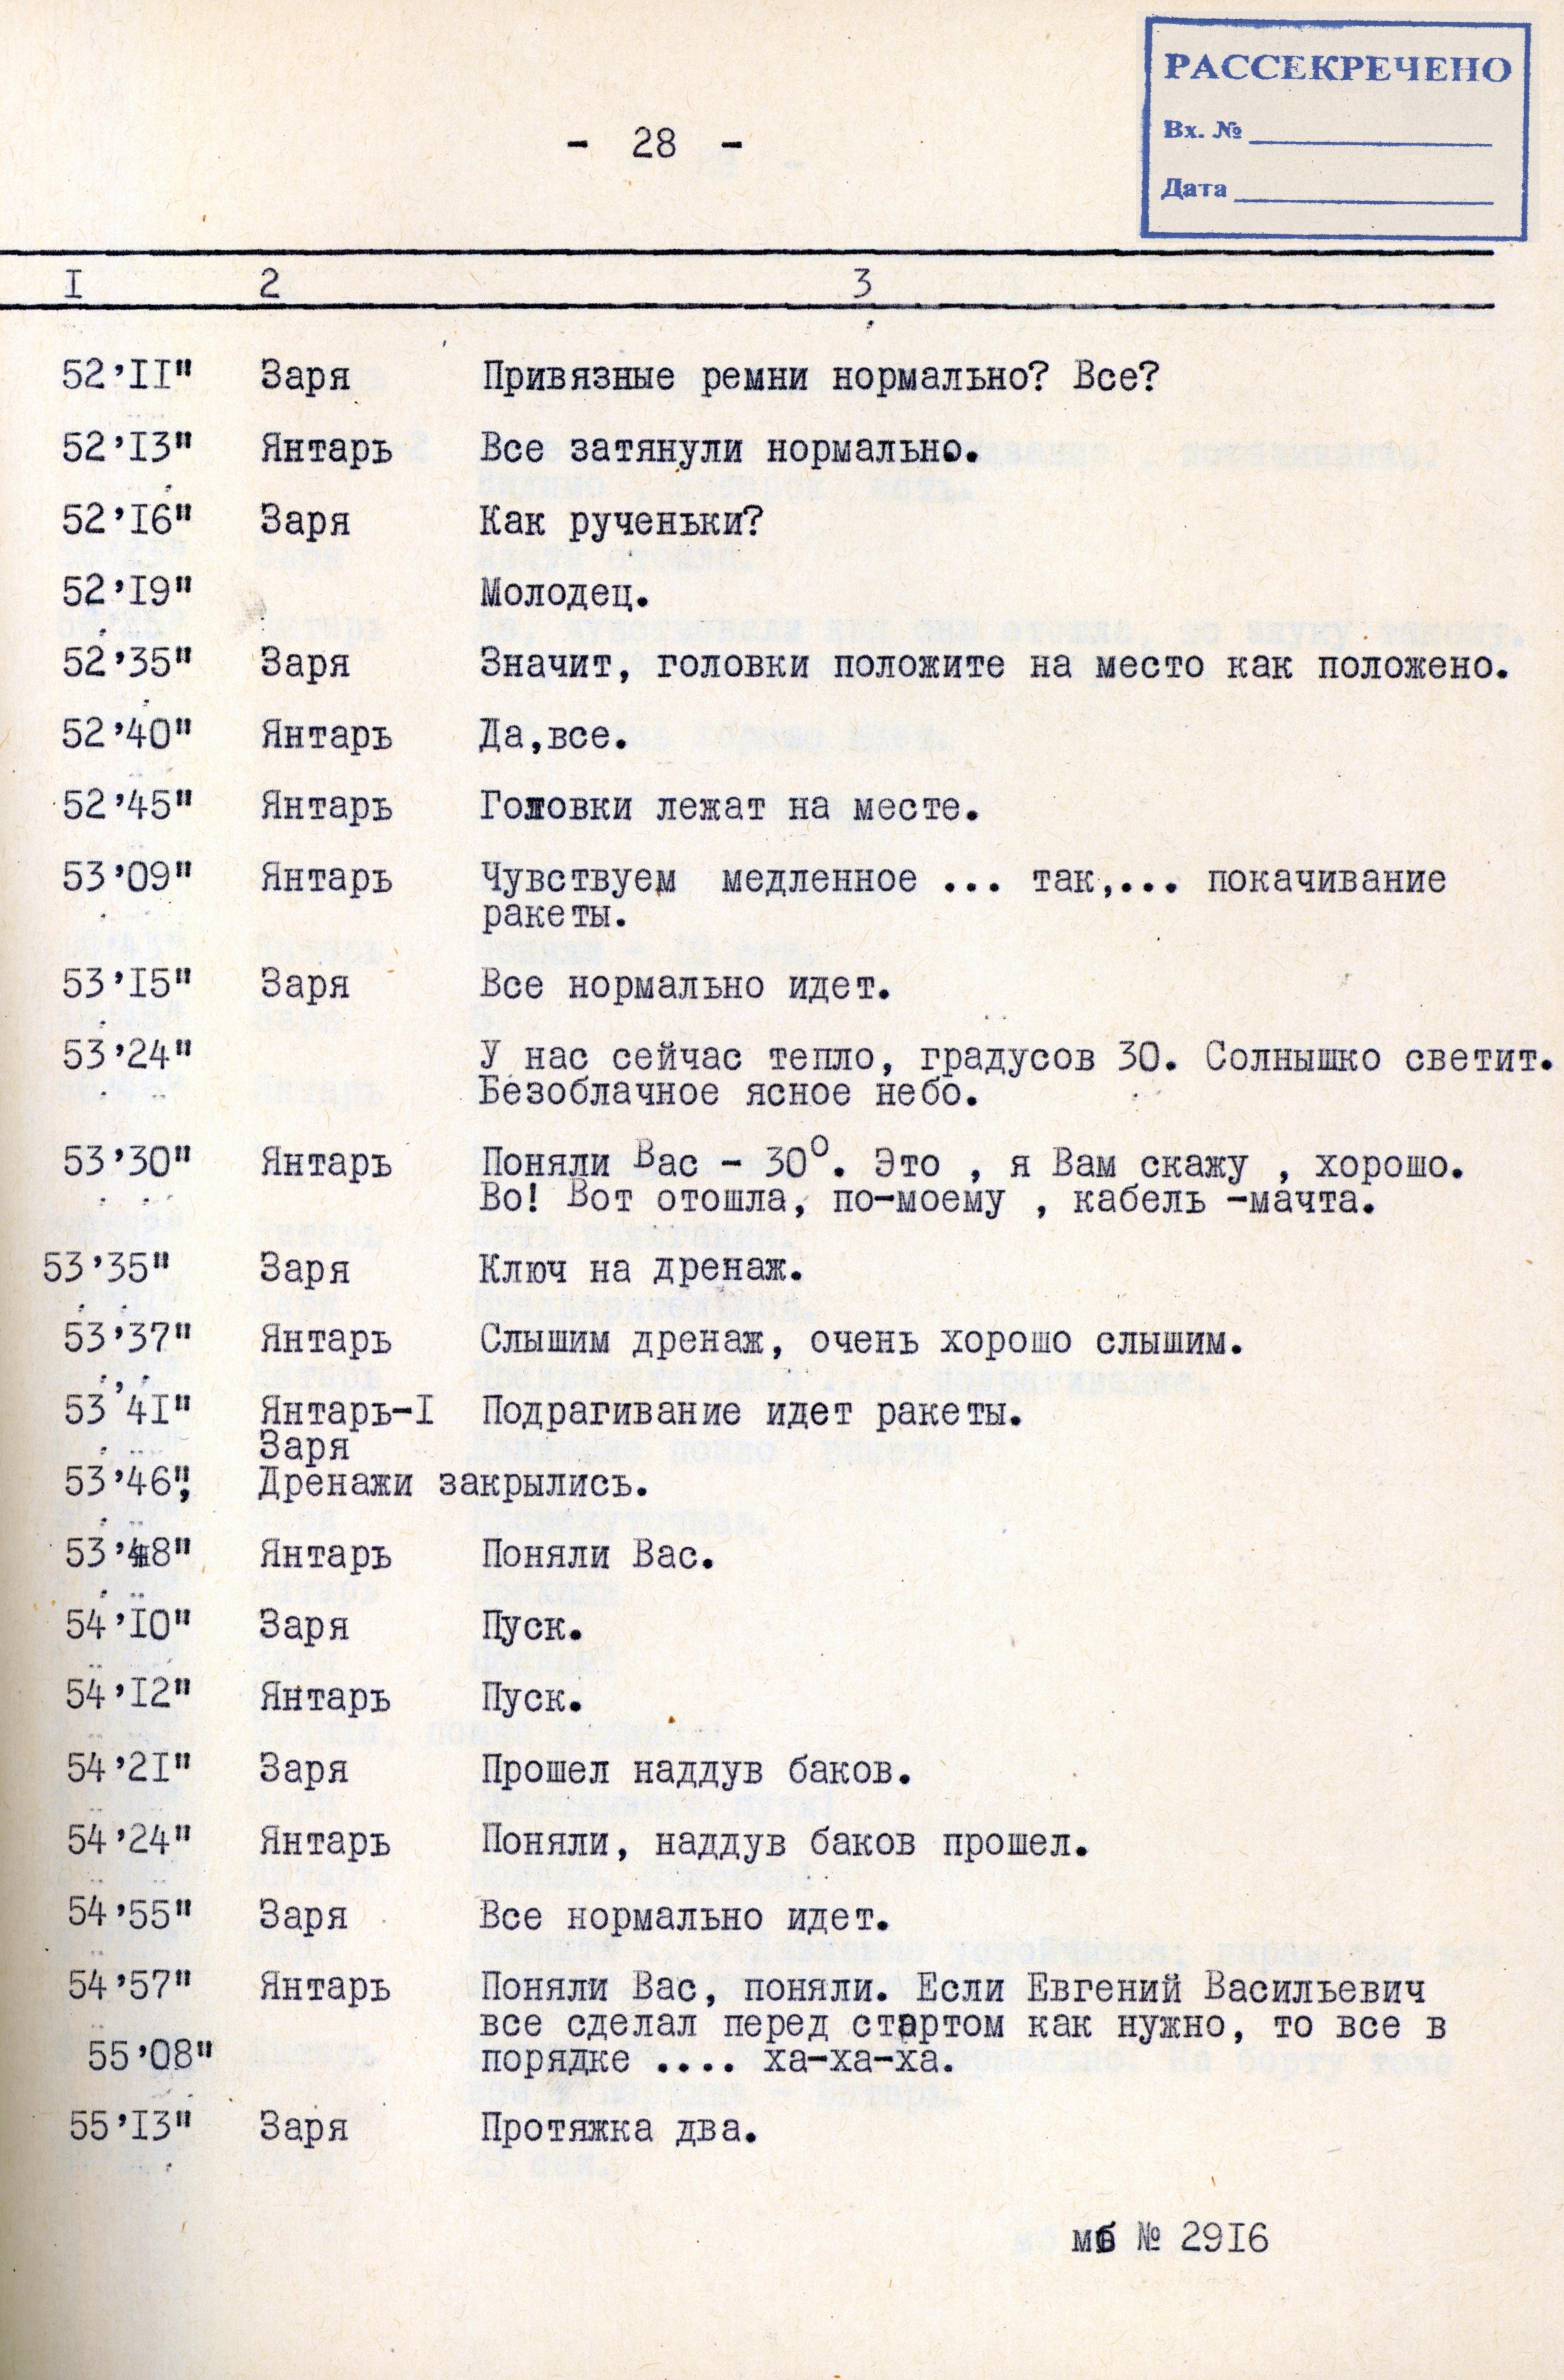 Рассекреченный документ, с.7